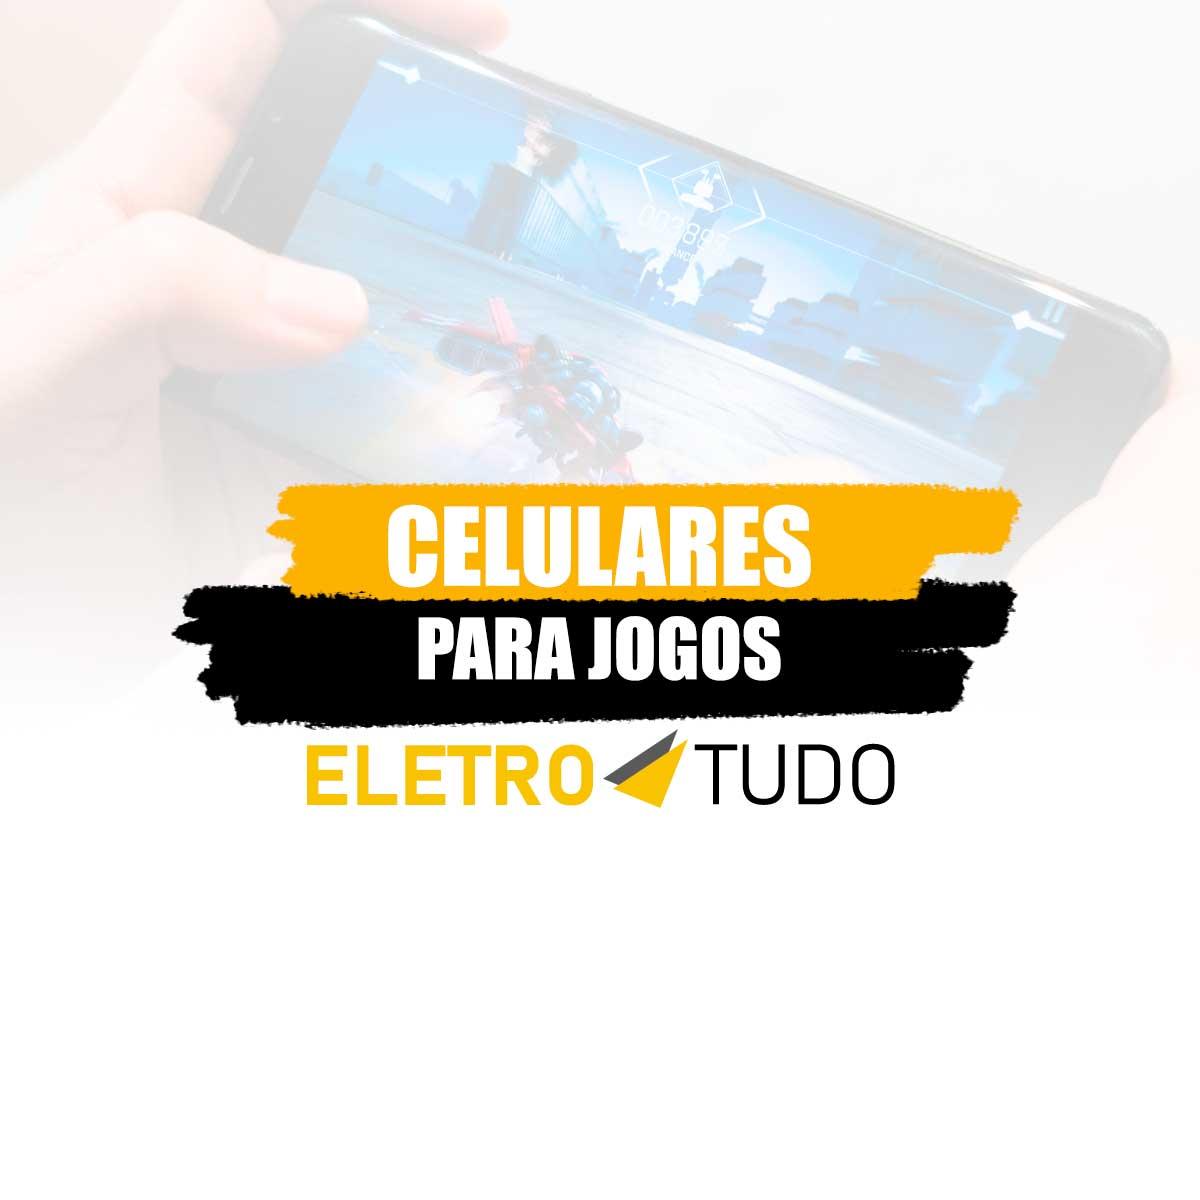 melhores celulares para jogos